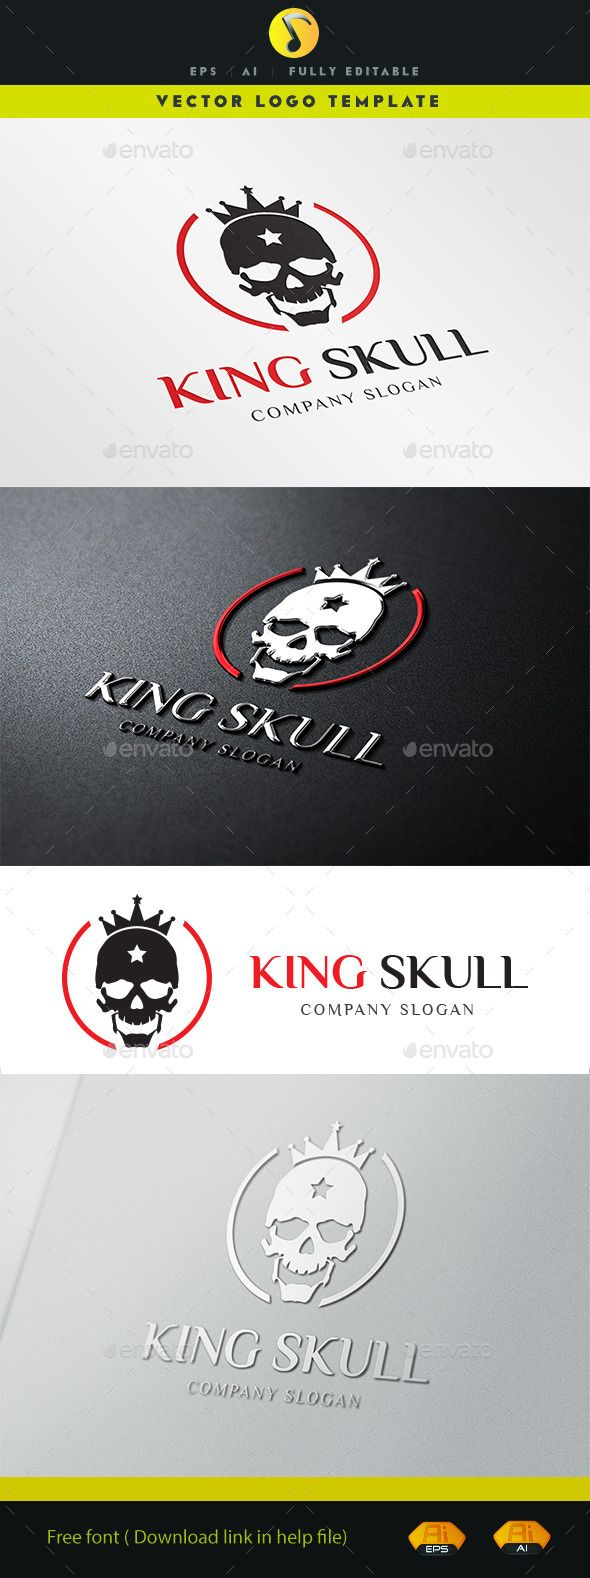 King Skull Logo Template Vector EPS, AI. Download here: http://graphicriver.net/item/king-skull-/11326923?ref=ksioks